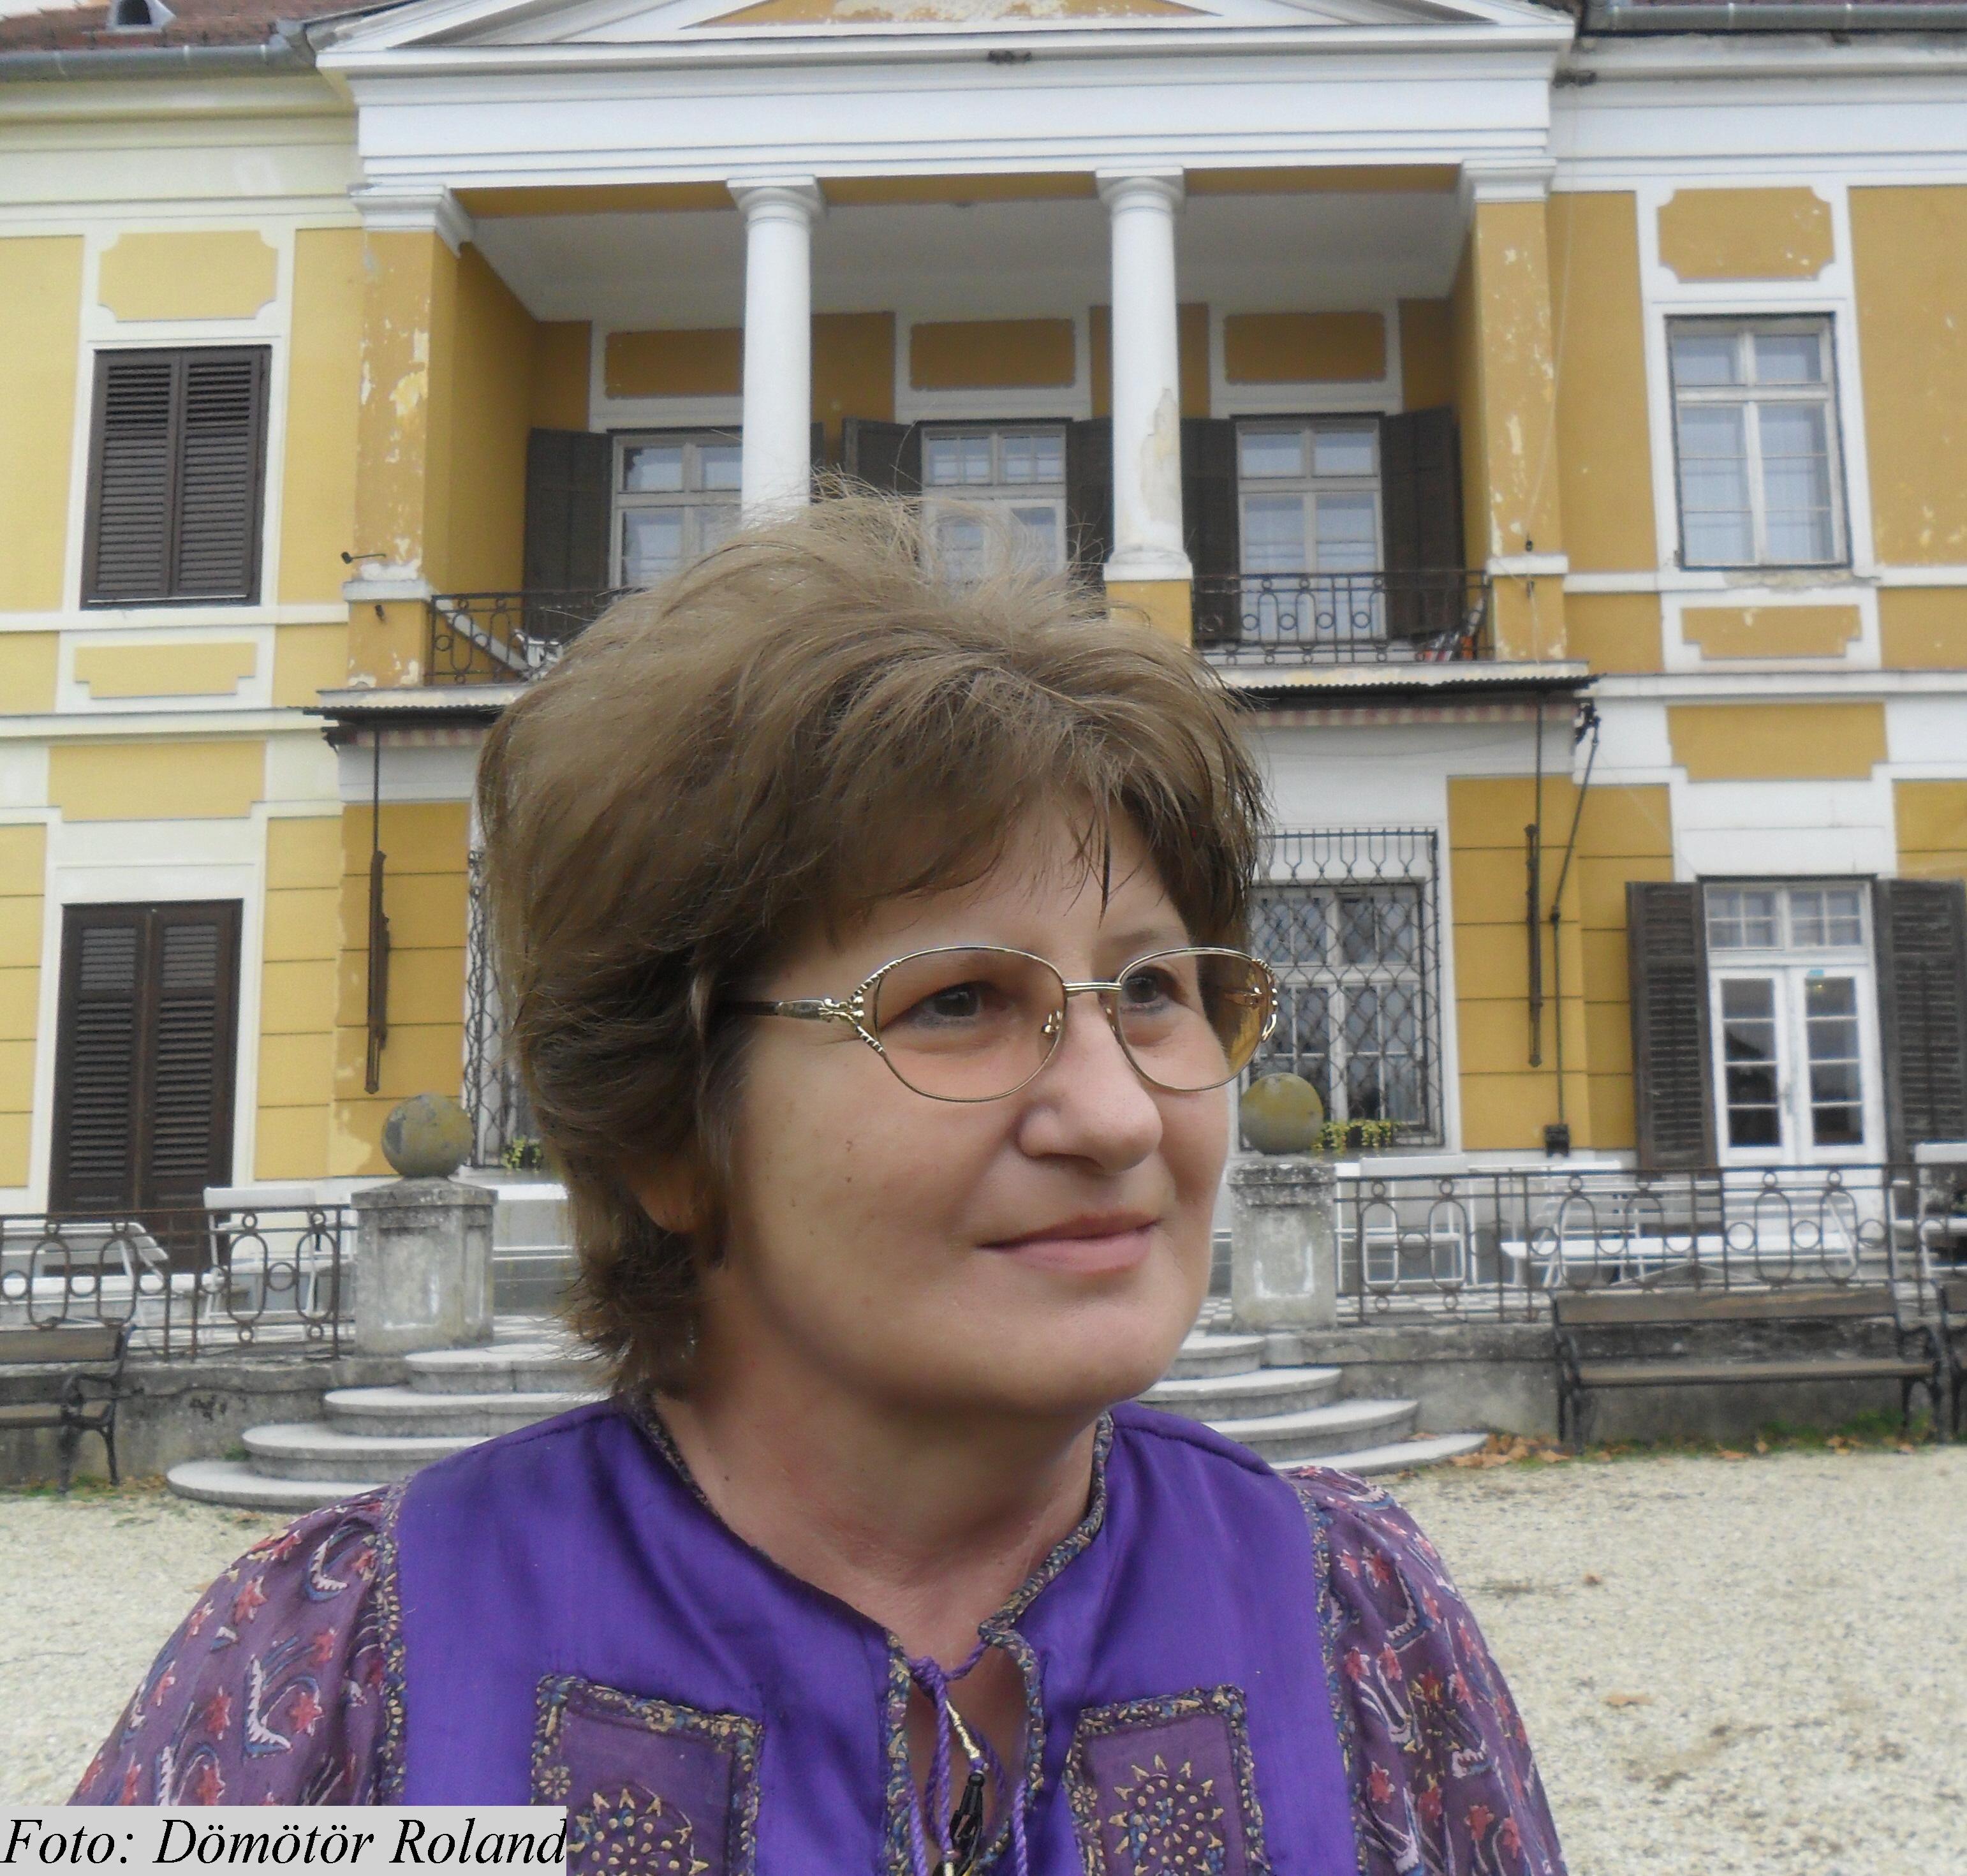 Exkluzív interjú Szőnyi Bartalos Mária pszhichomatikus, író, költővel